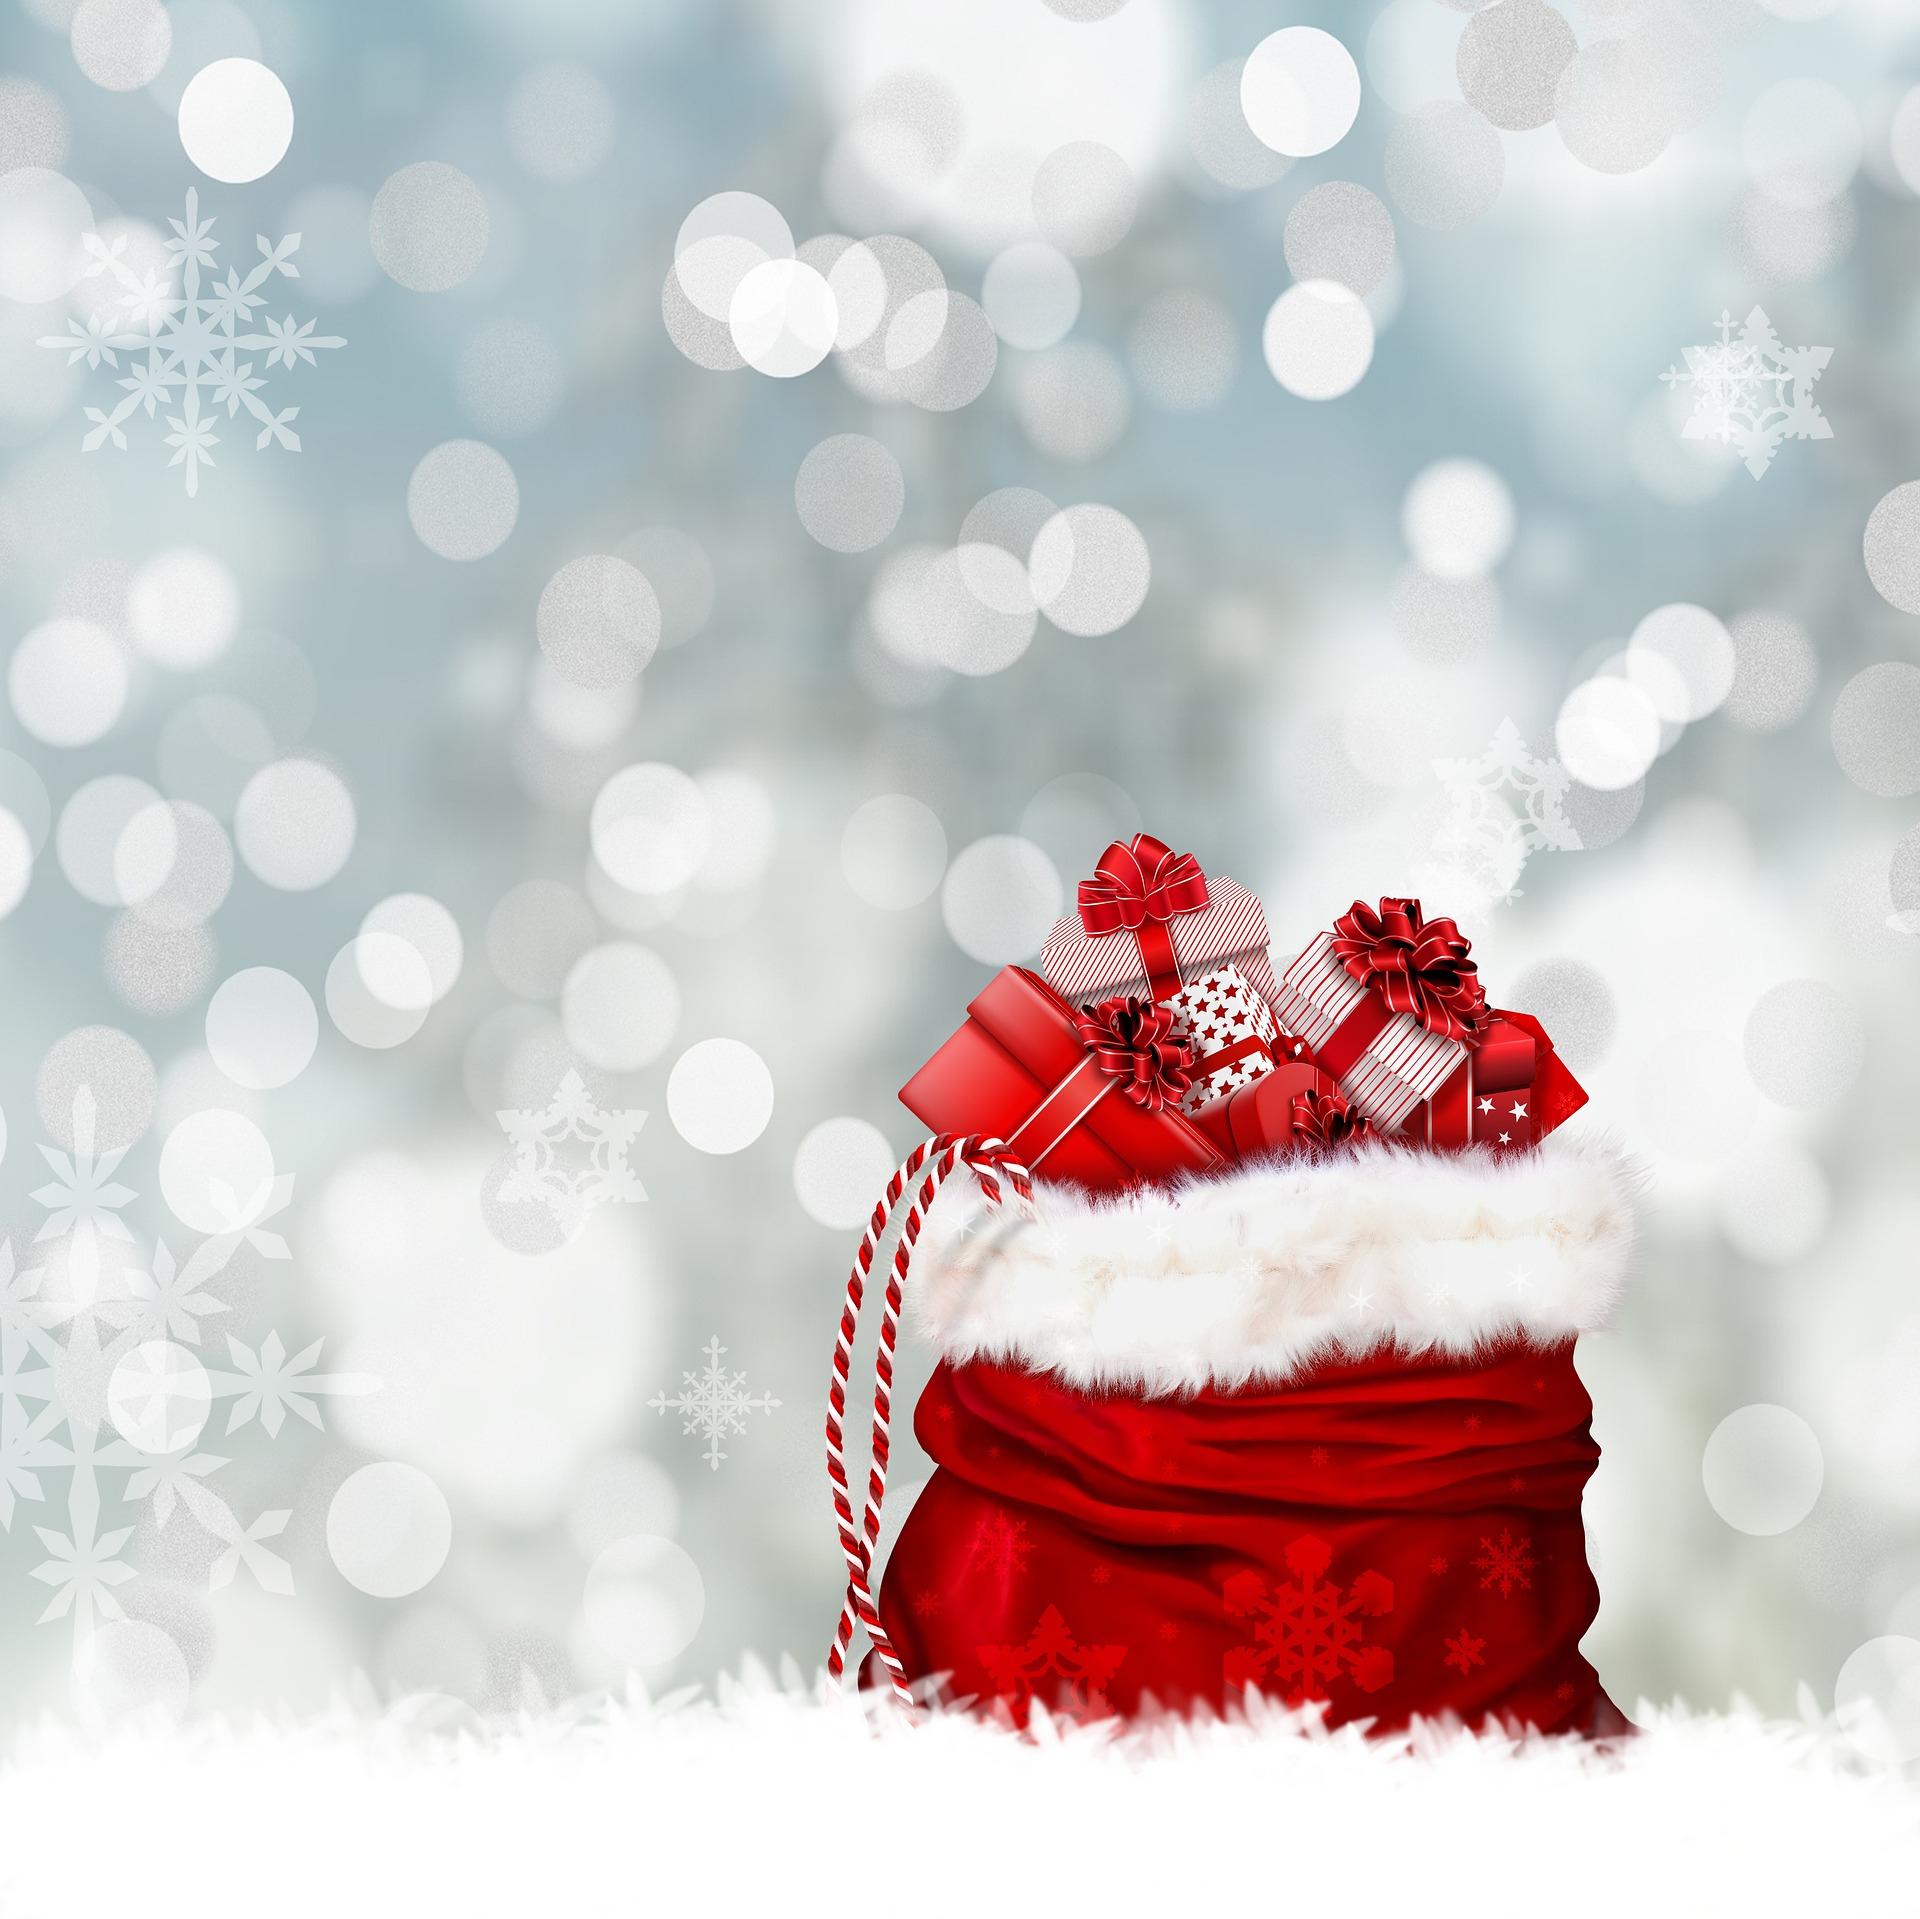 Weihnachtshintergrundbilder Zum Herunterladen bestimmt für Weihnachtsgrüße Zum Ausdrucken Kostenlos